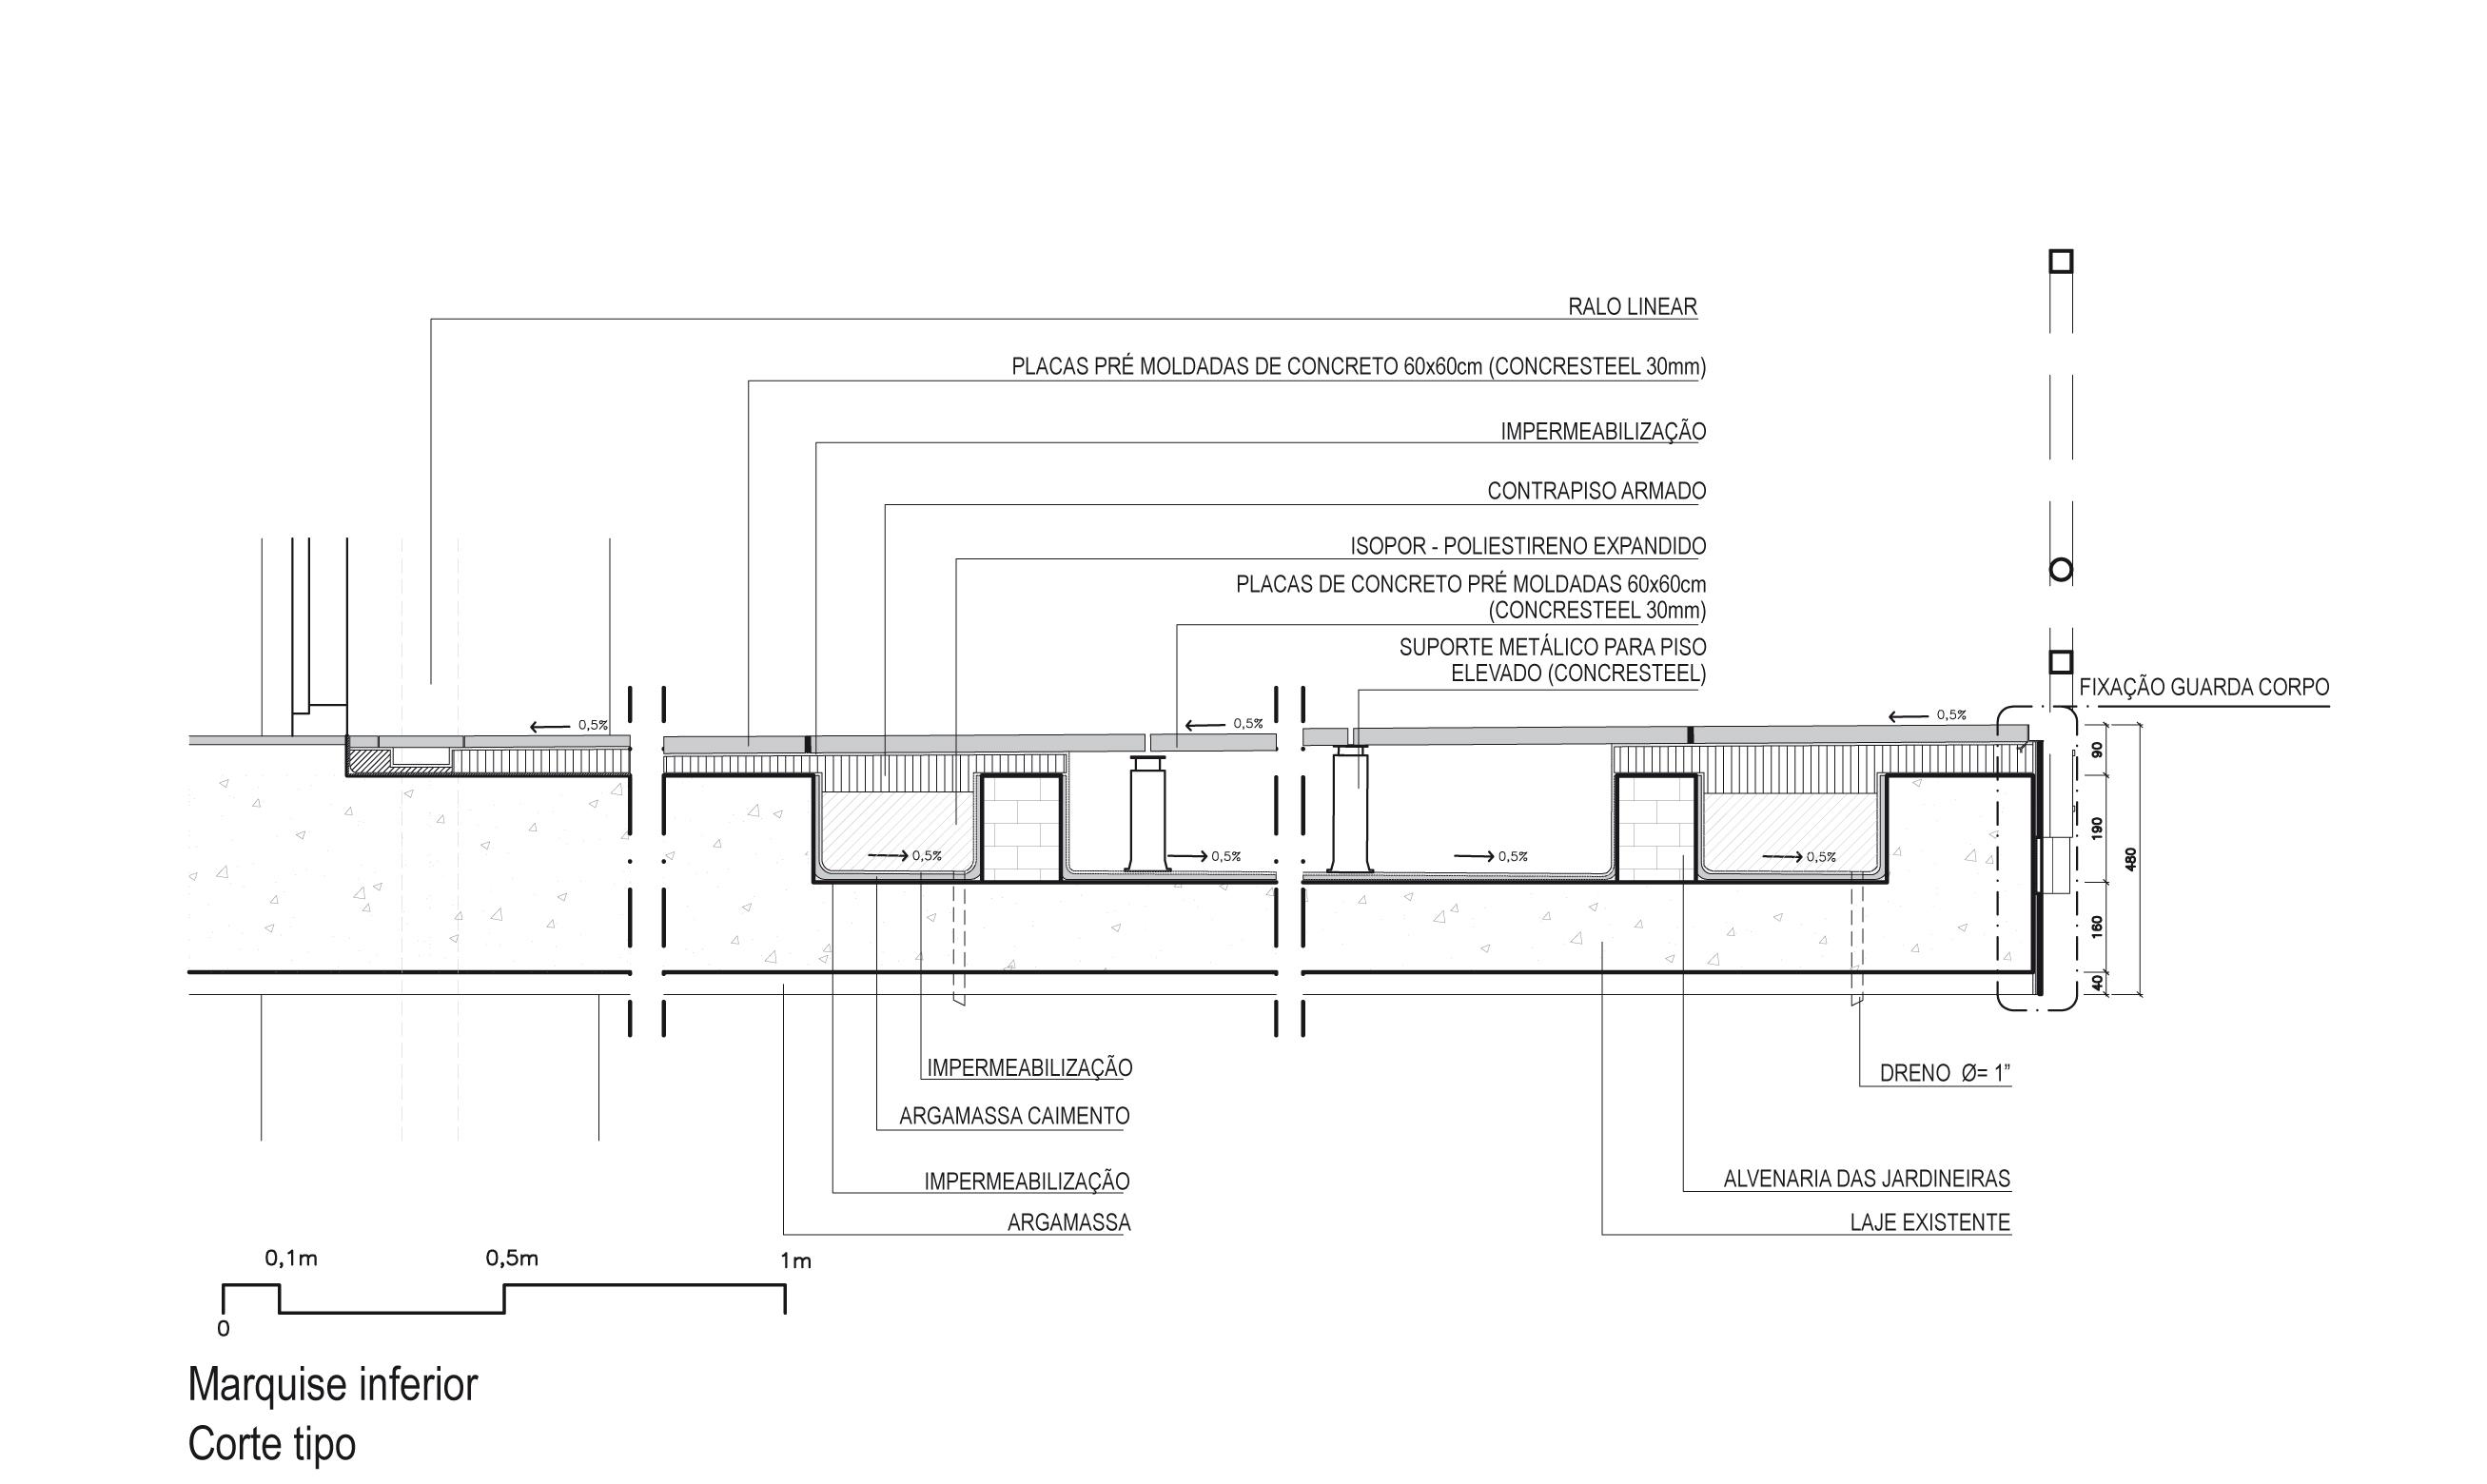 Fig.6. Detalhe das soluções de restauro para o piso da marquise inferior (fonte: acervo Metrópole Arquitetos)